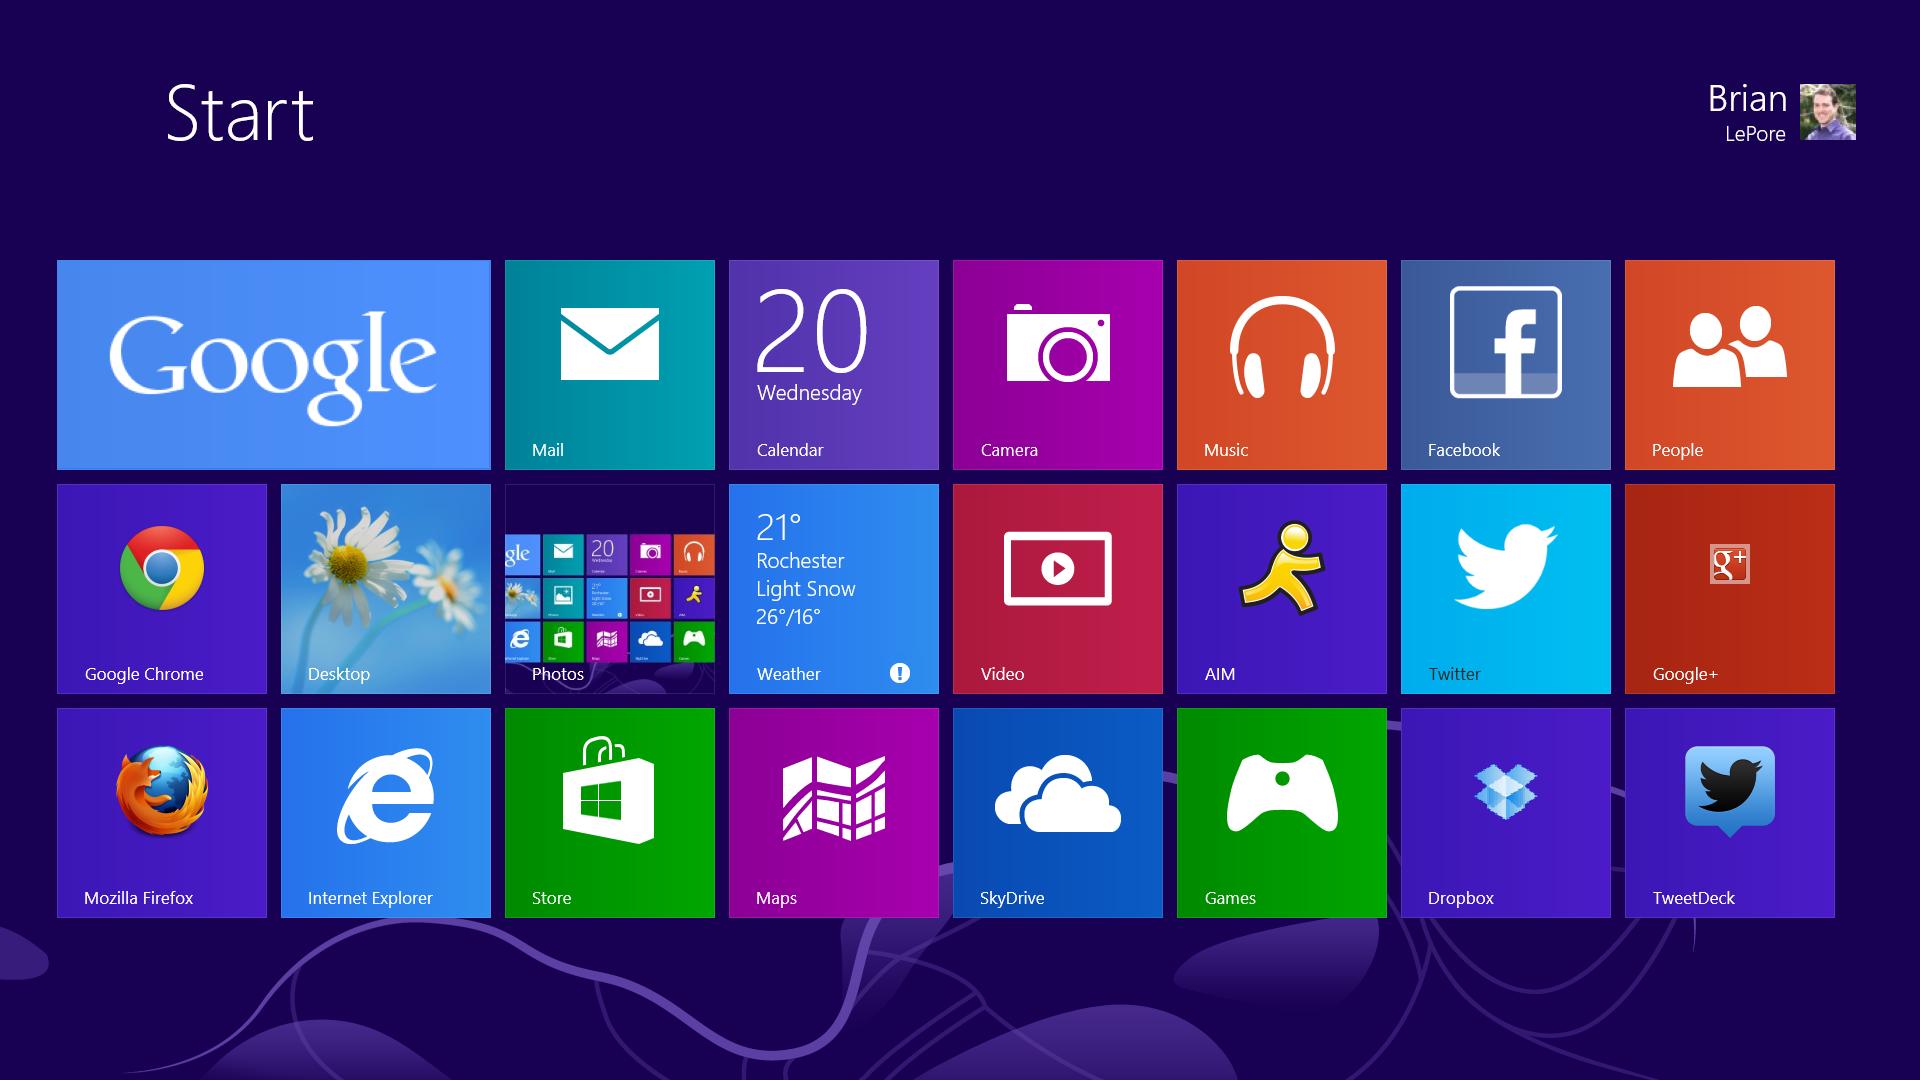 Free download live desktop wallpaper windows 7 wwwwallpapers in